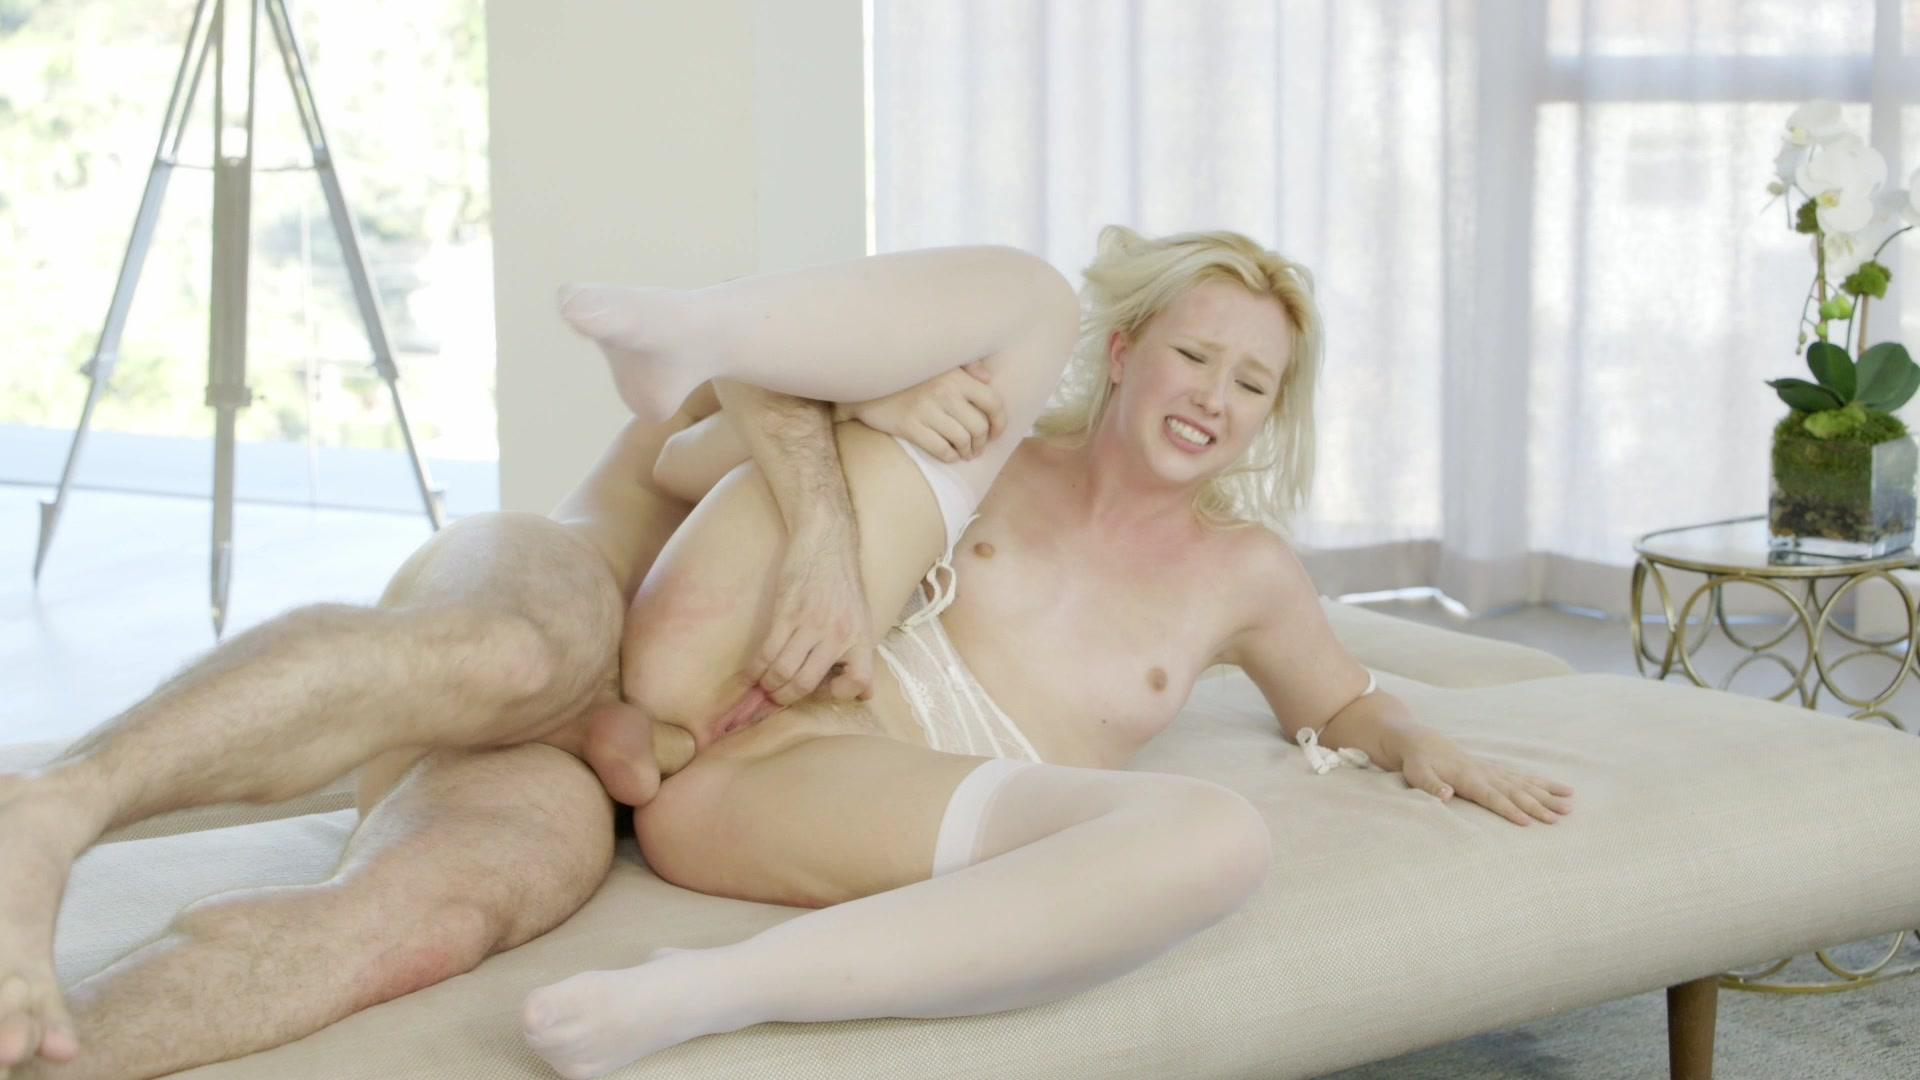 Barrett long porn porn pics